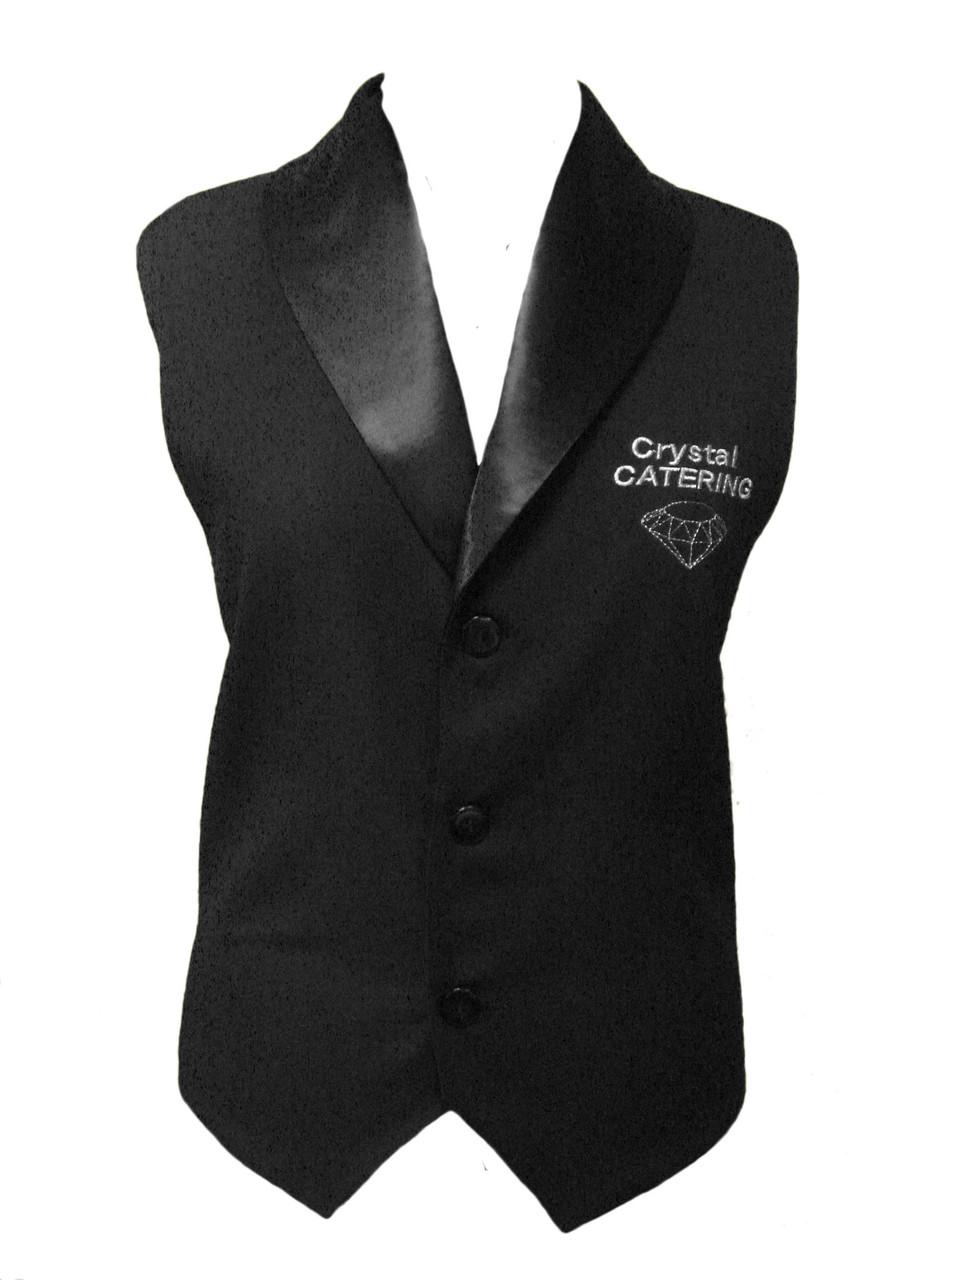 Жилетка для официанта с атласным (шалевым) воротником на подкладке без карманов Atteks - 01101